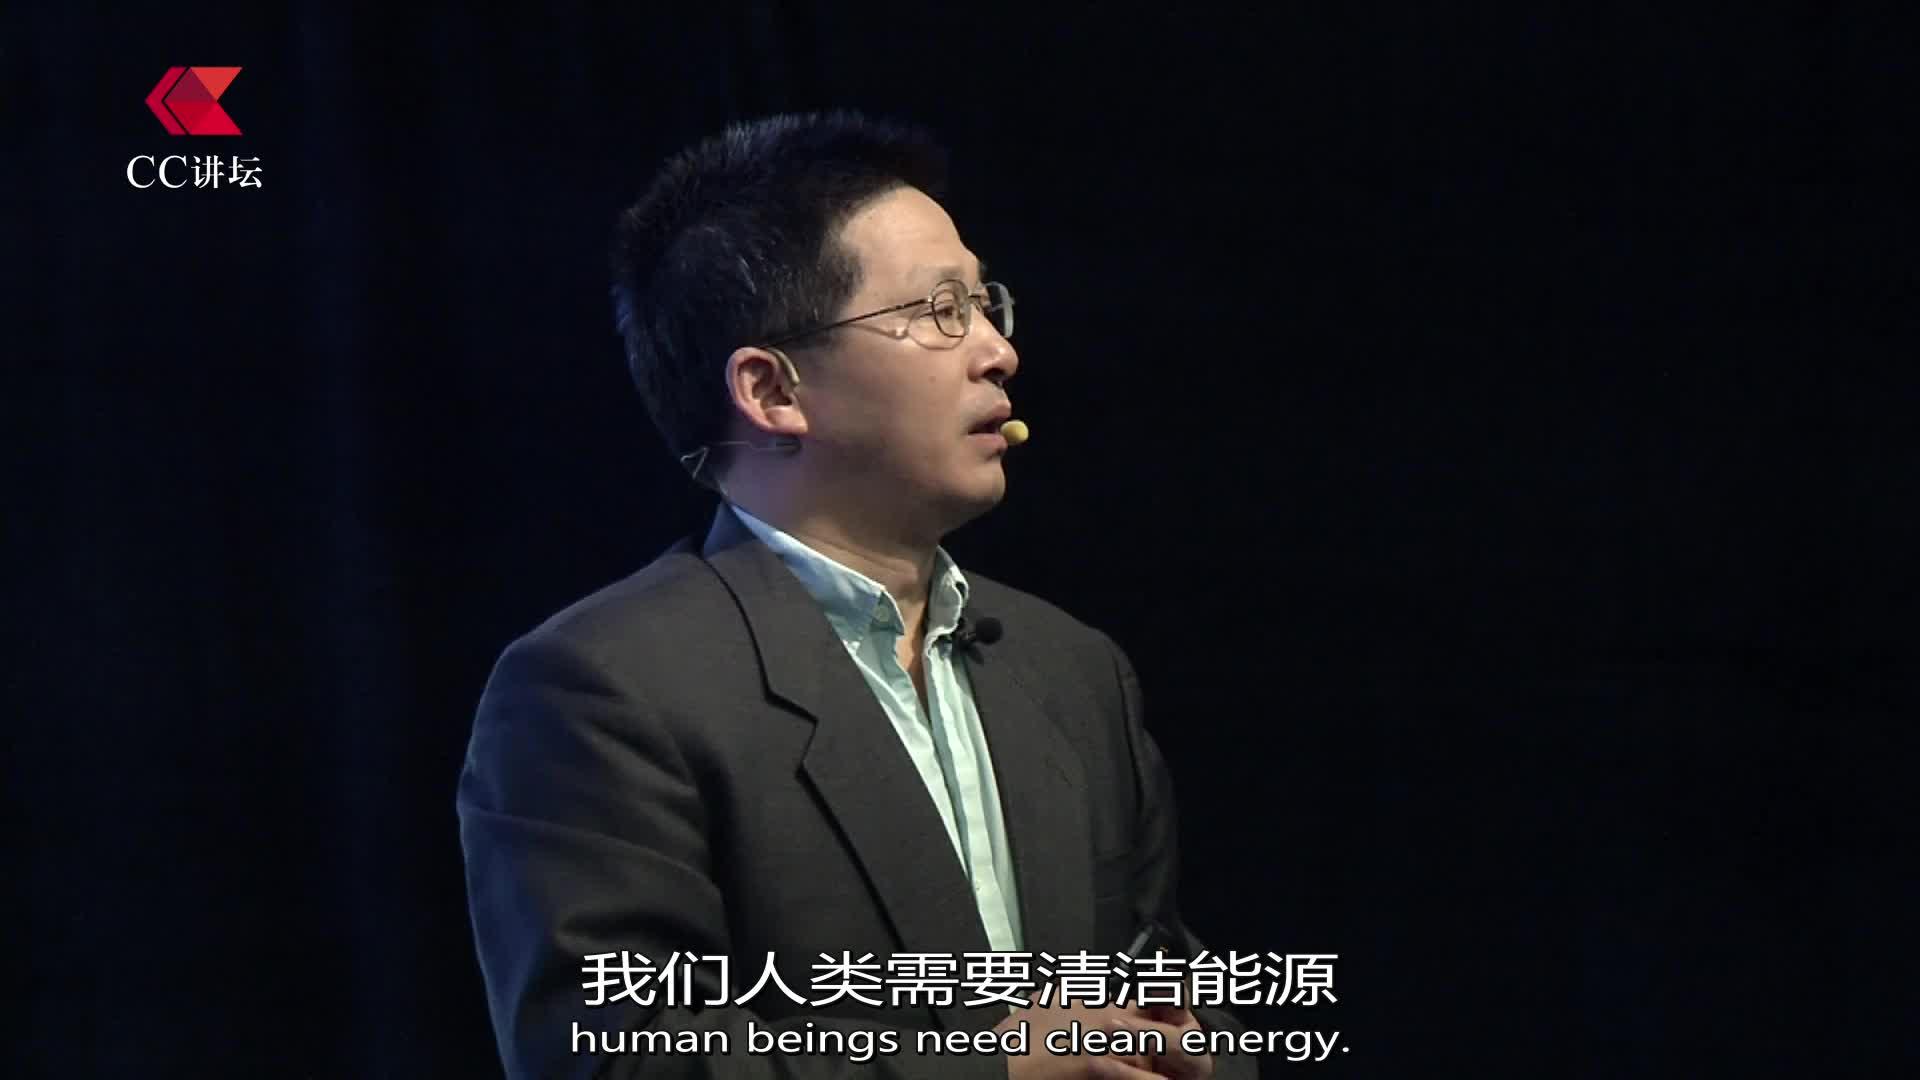 CC讲坛(科技)张纯喜《为绿色能源求解:人工光合作用》